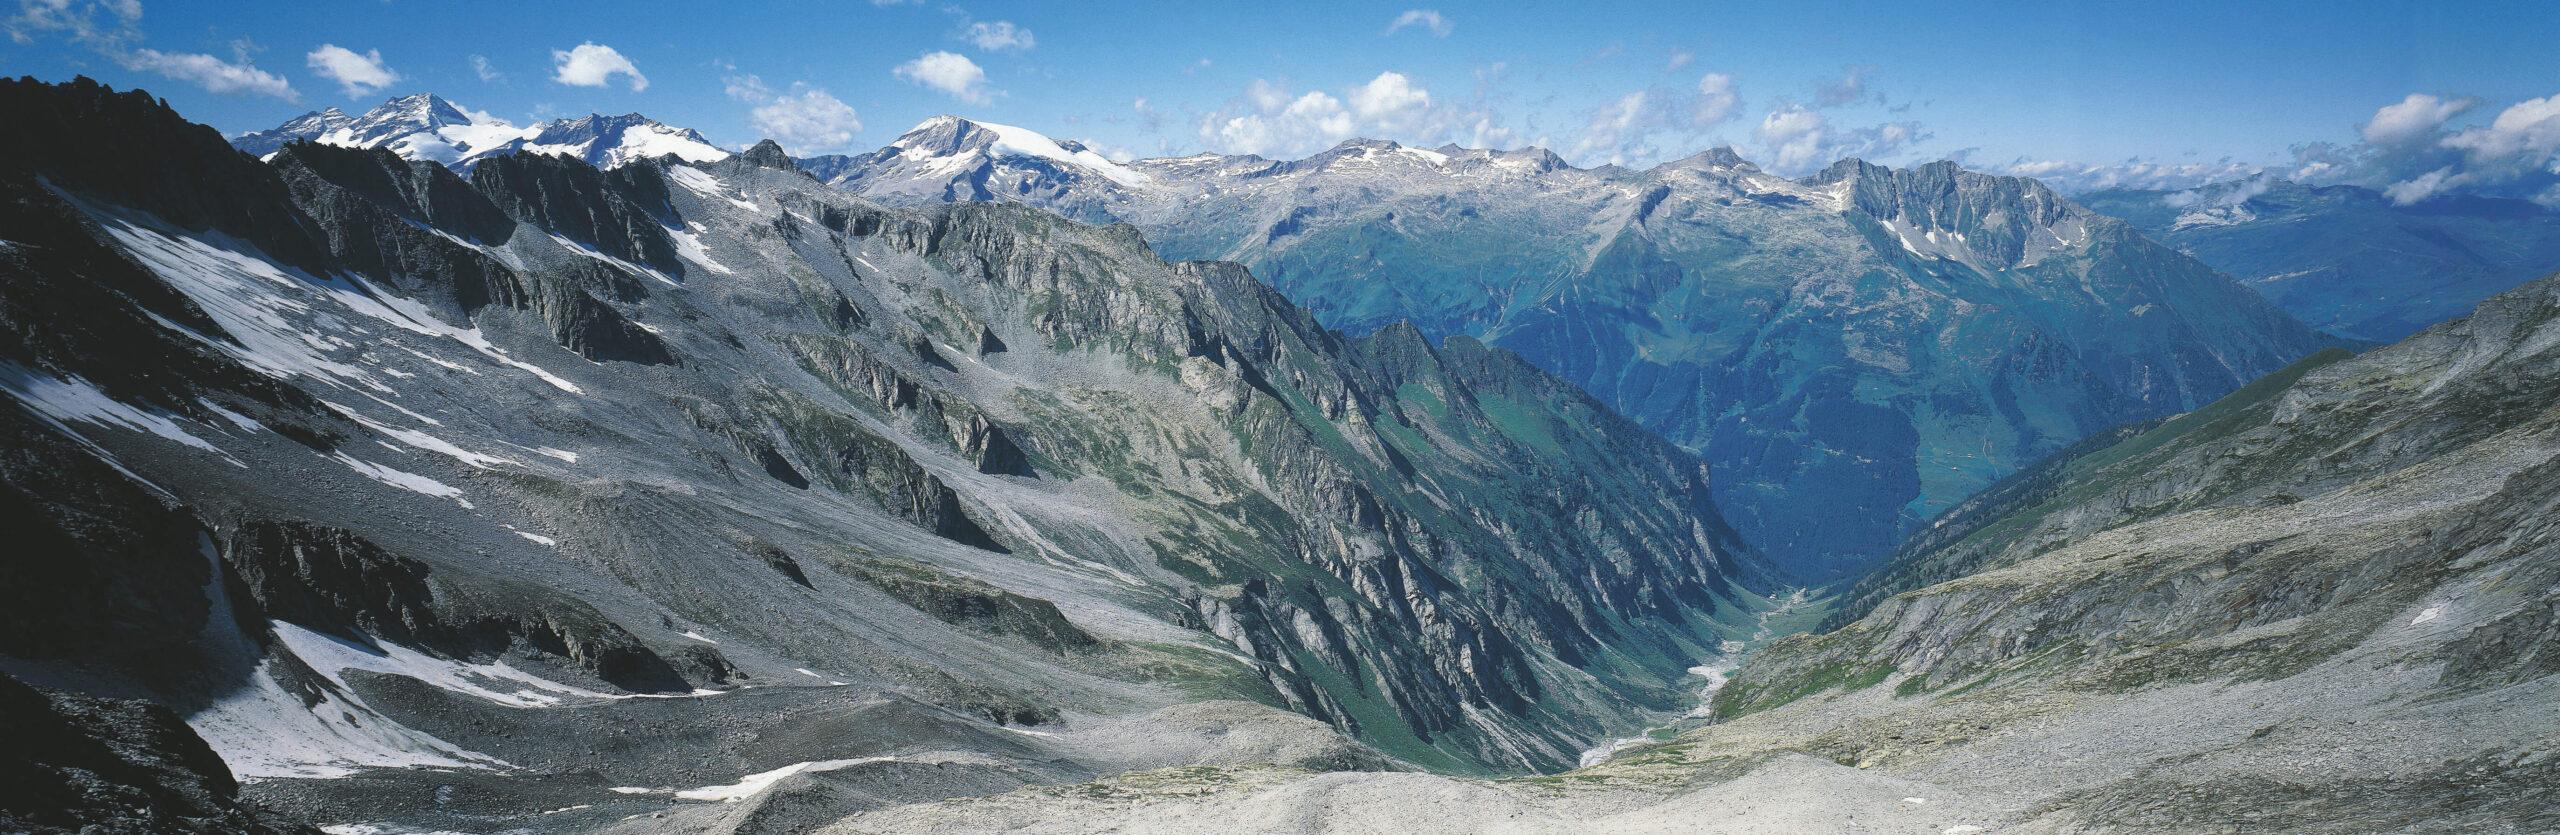 Panorama der Zillertaler Alpen